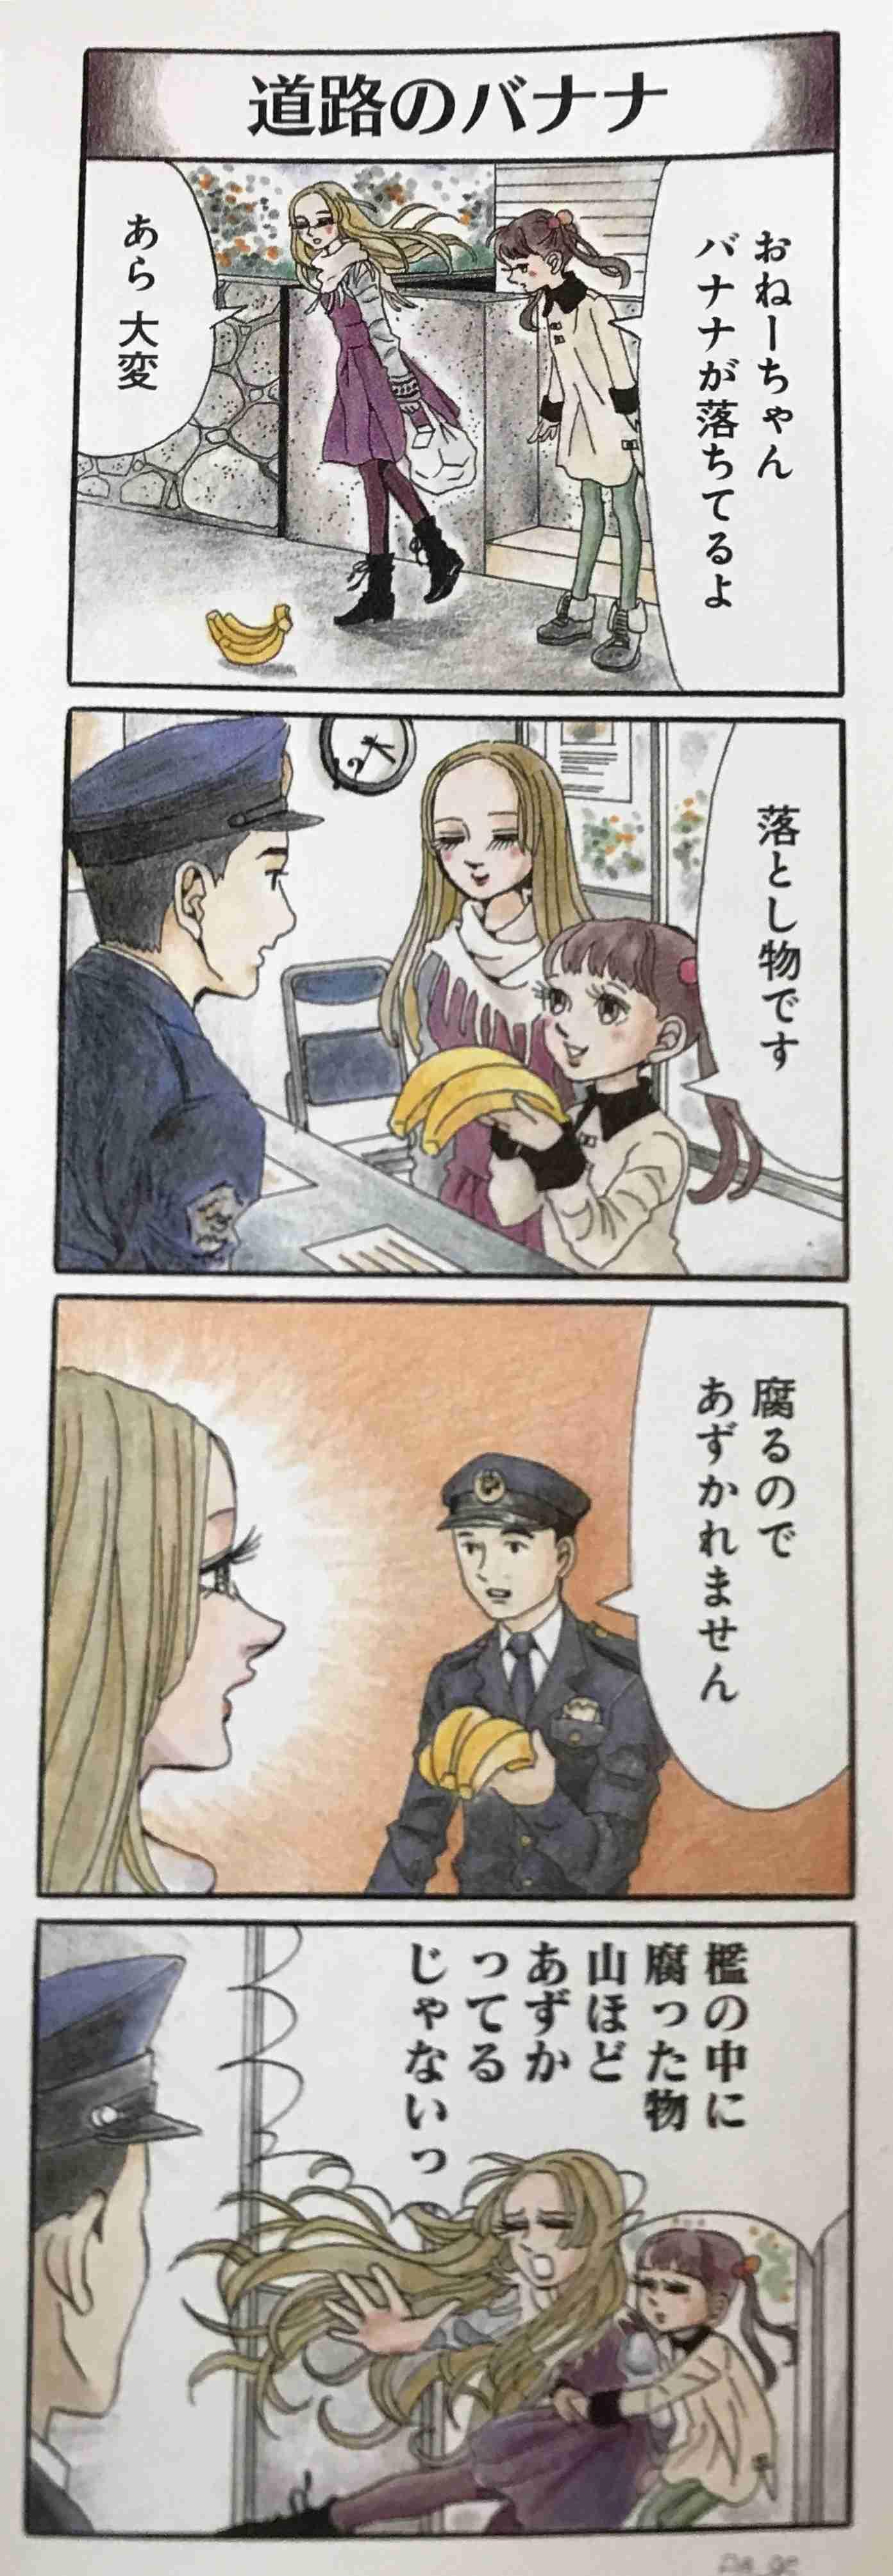 埼玉県朝霞市の少女誘拐事件 男は法廷で「お腹すきました」